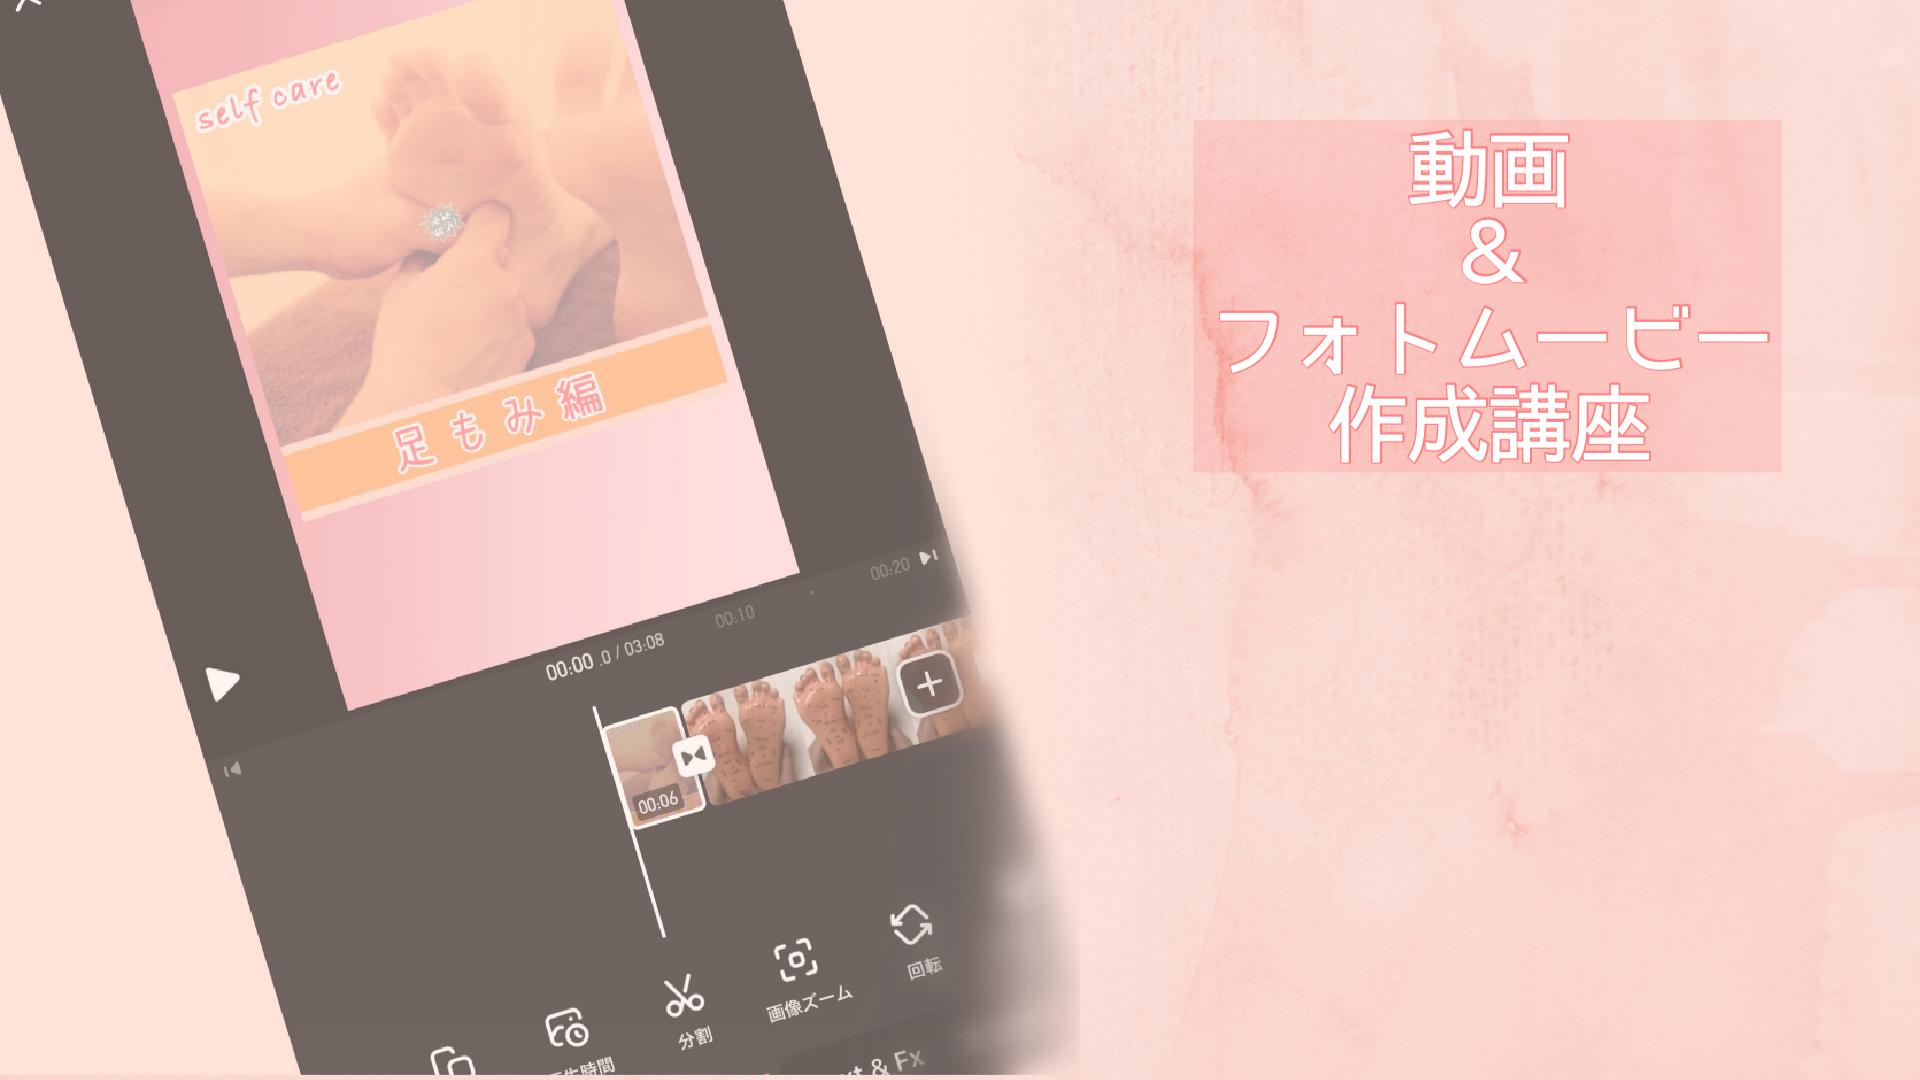 動画編集&フォトムービー作成講座